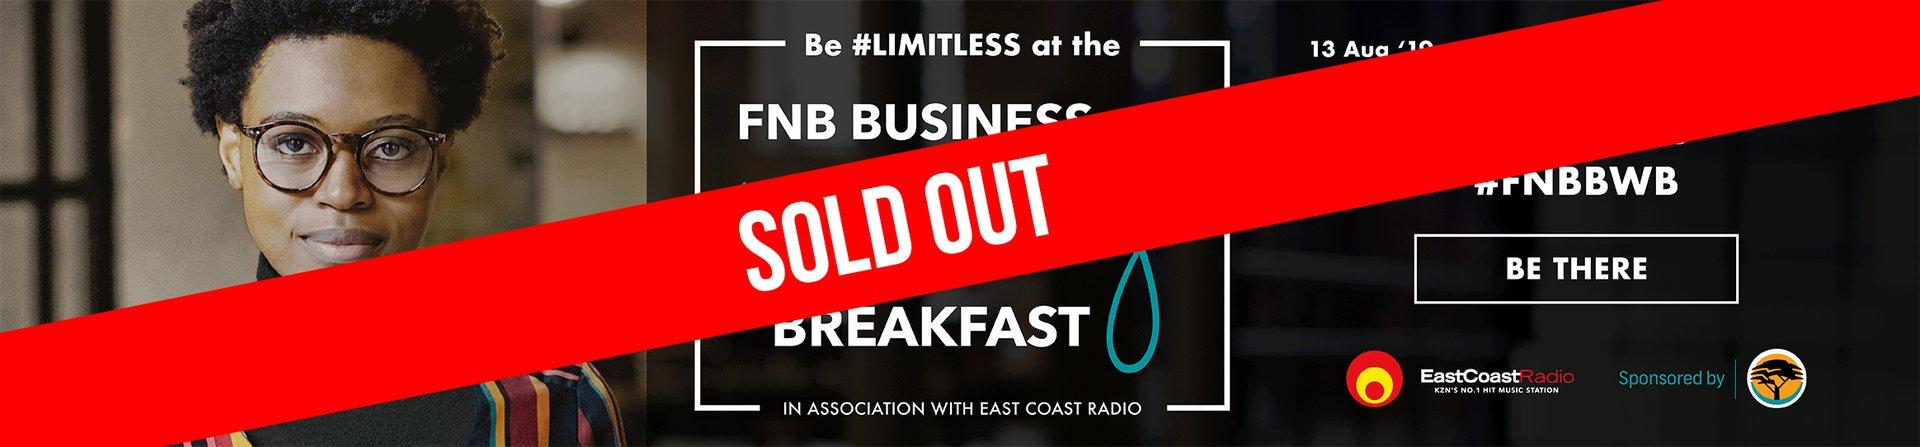 East Coast Radio is KwaZulu-Natal's leading commercial radio station